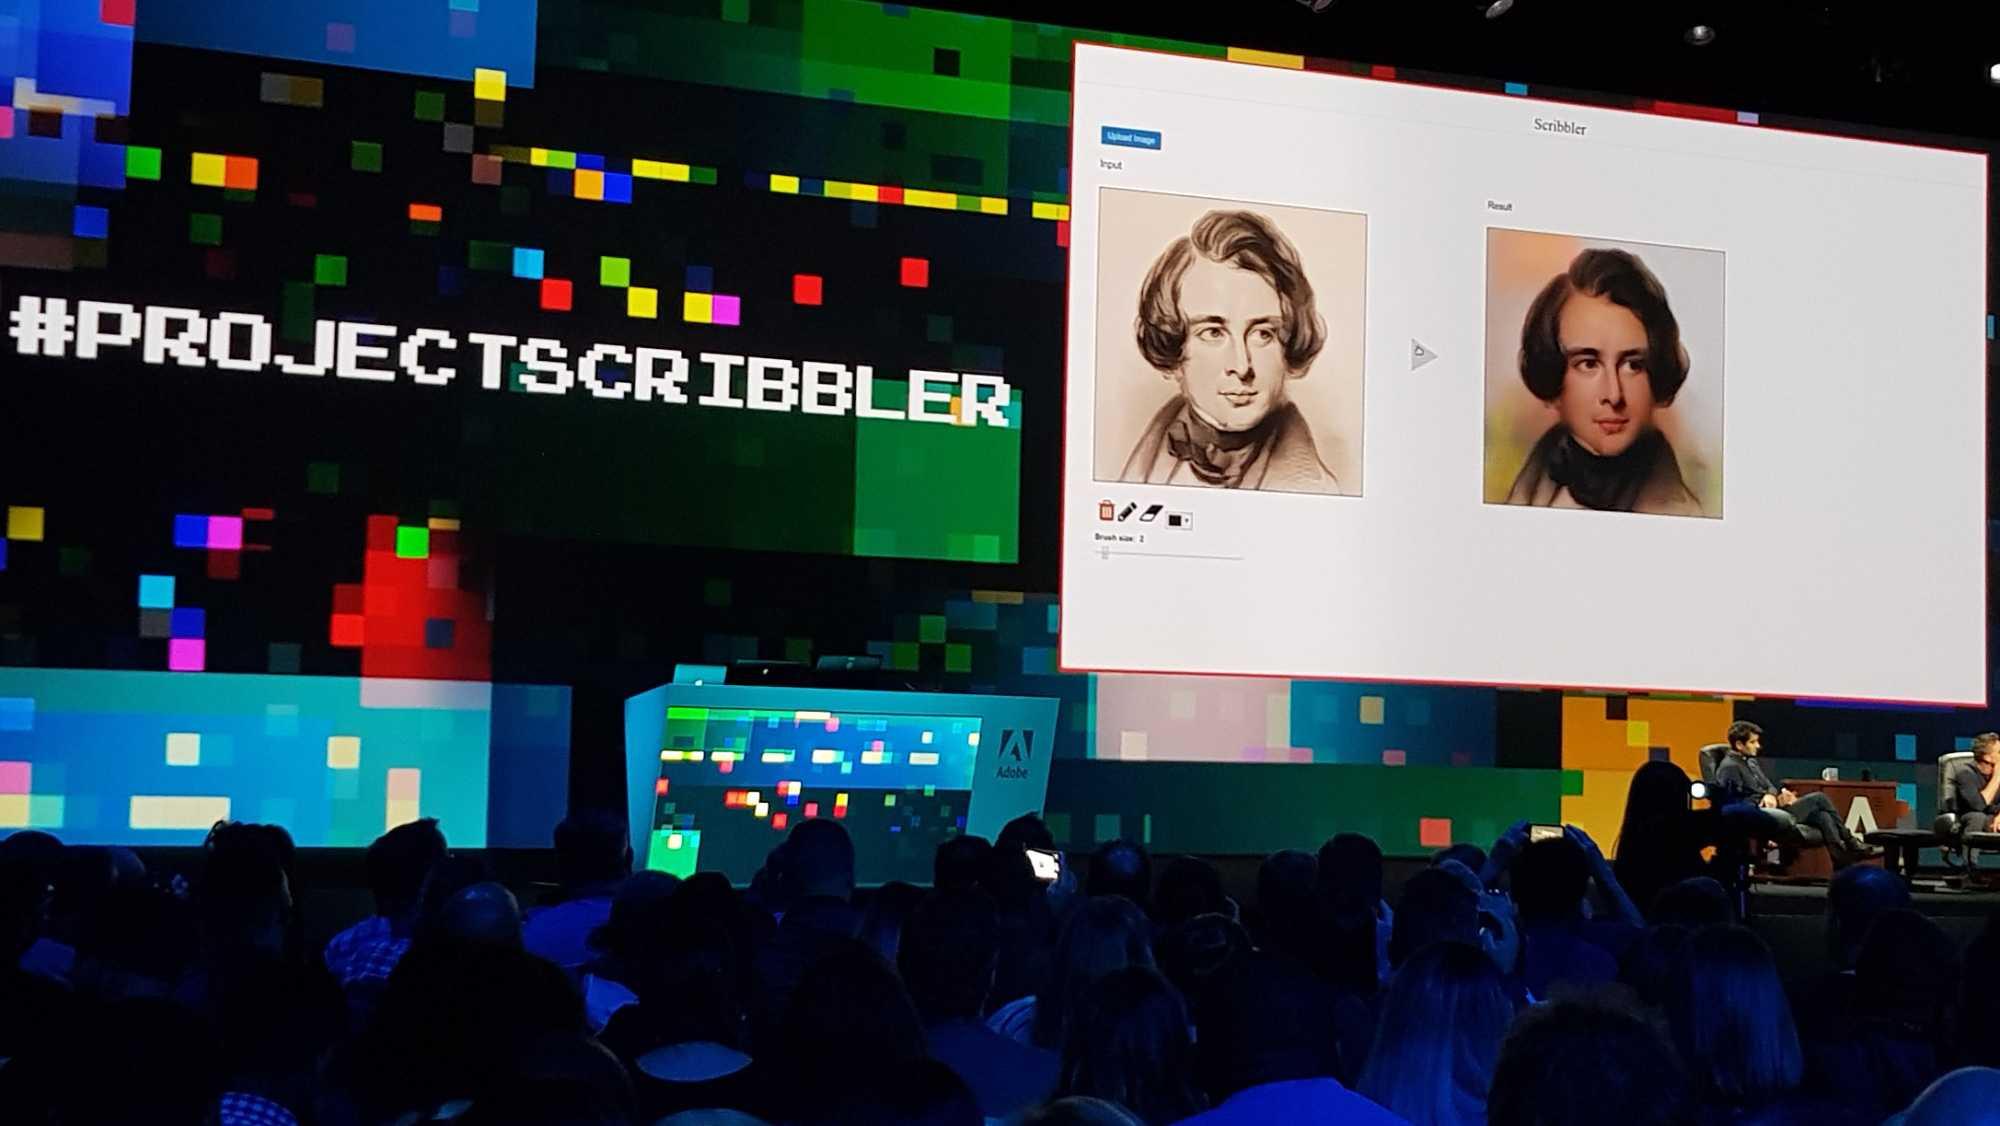 In Scribbler hilft künstliche Intelligenz beim Kolorieren von Gesichtern und anderen Objekten.